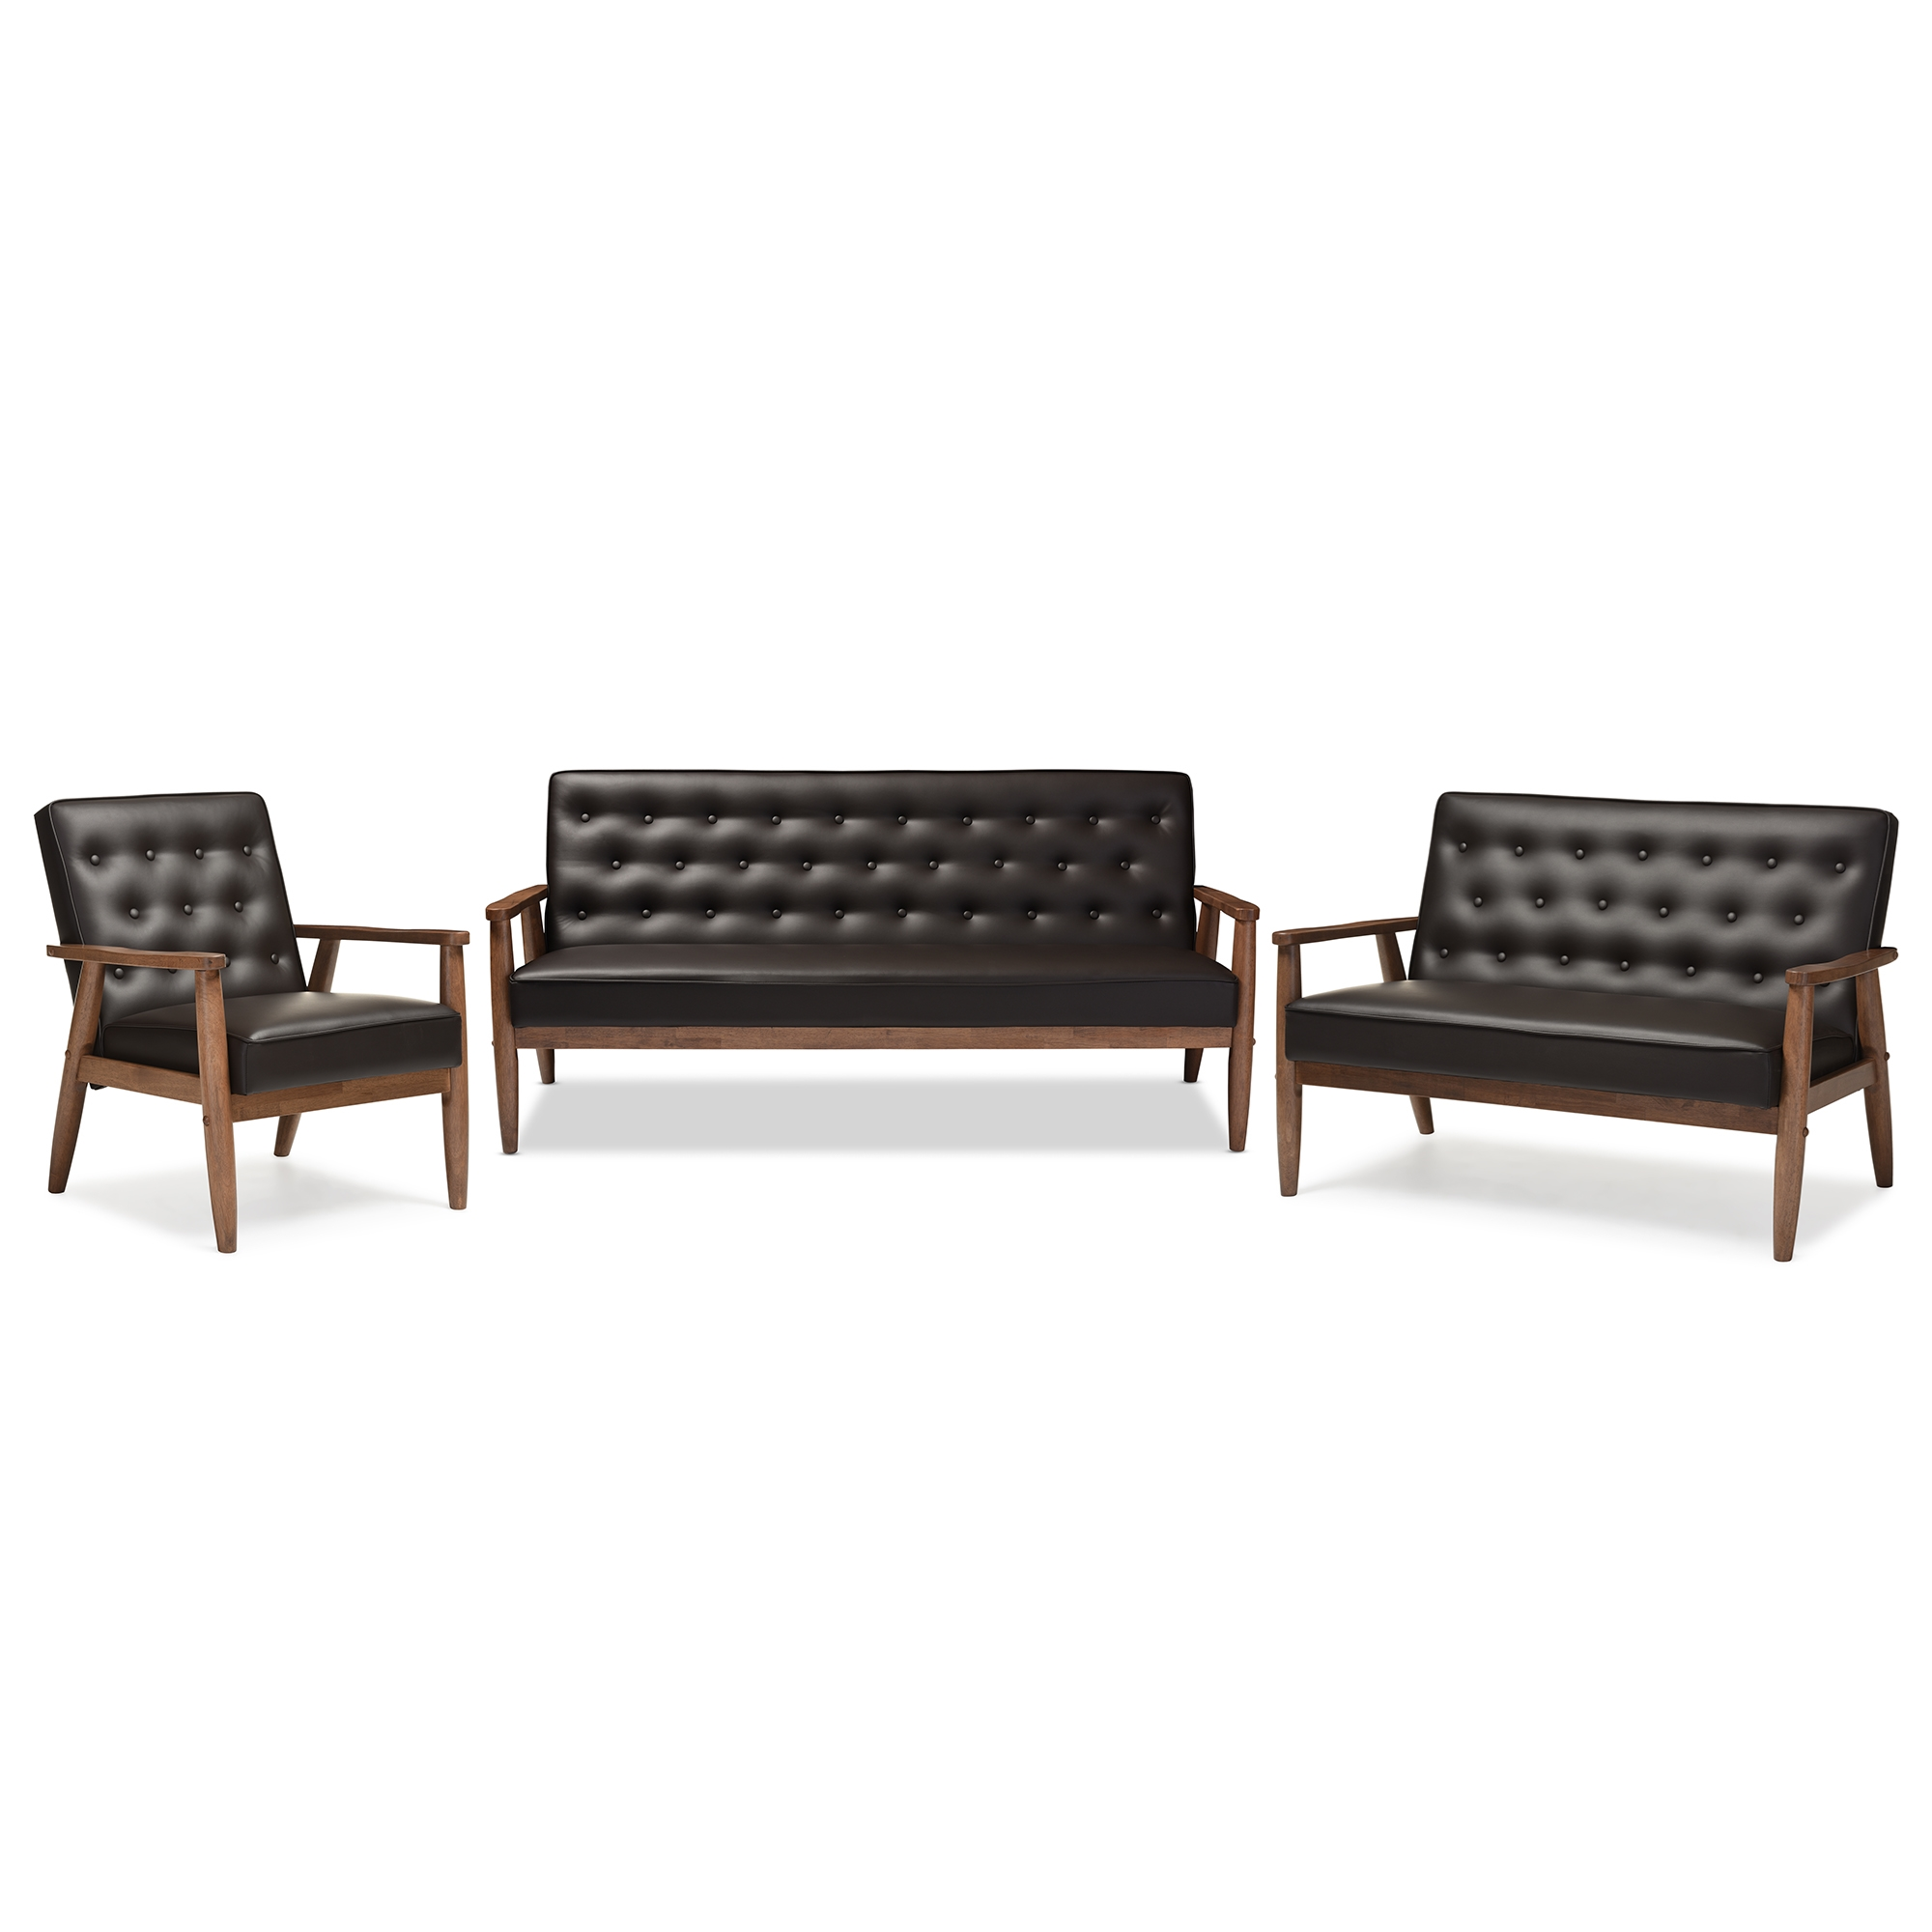 Baxton Studio Sorrento Mid-century Retro Modern Brown Faux Leather ...